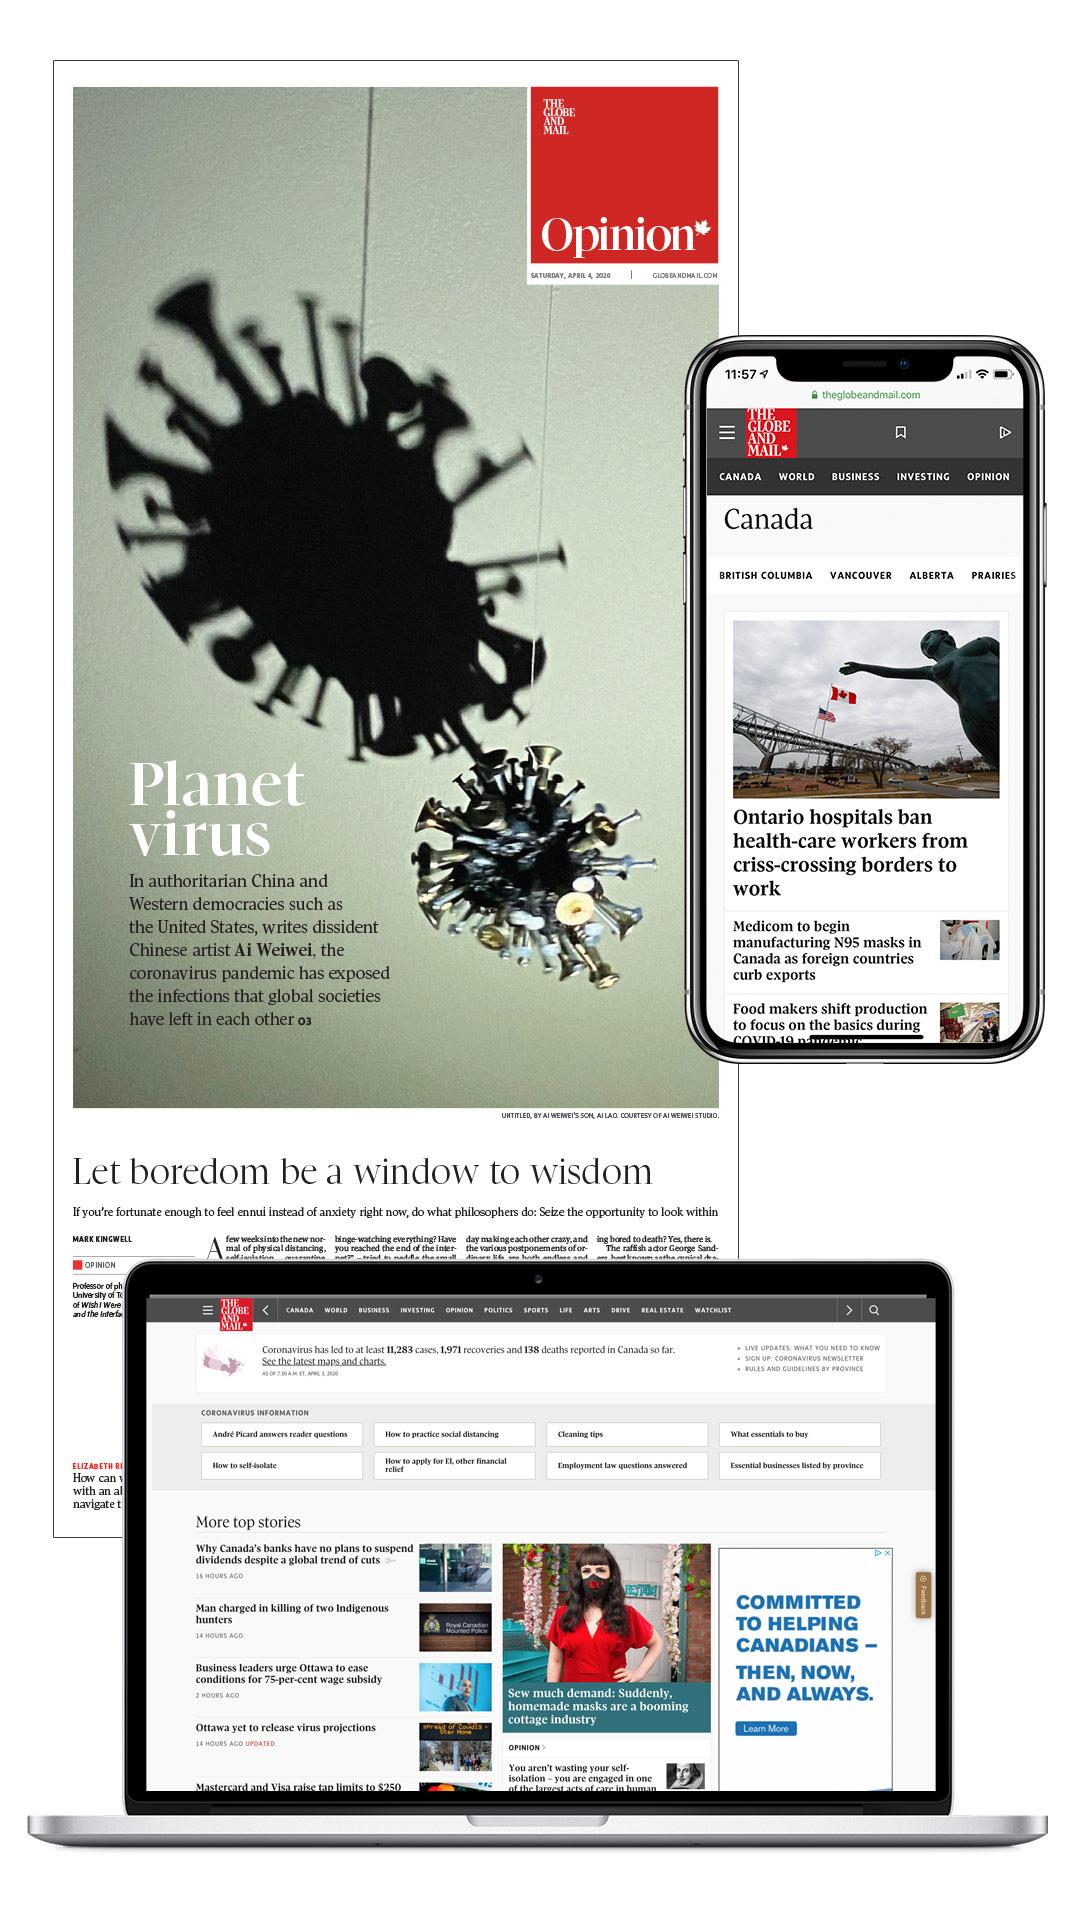 Reader appreciation for The Globe's COVID-19 coverage.